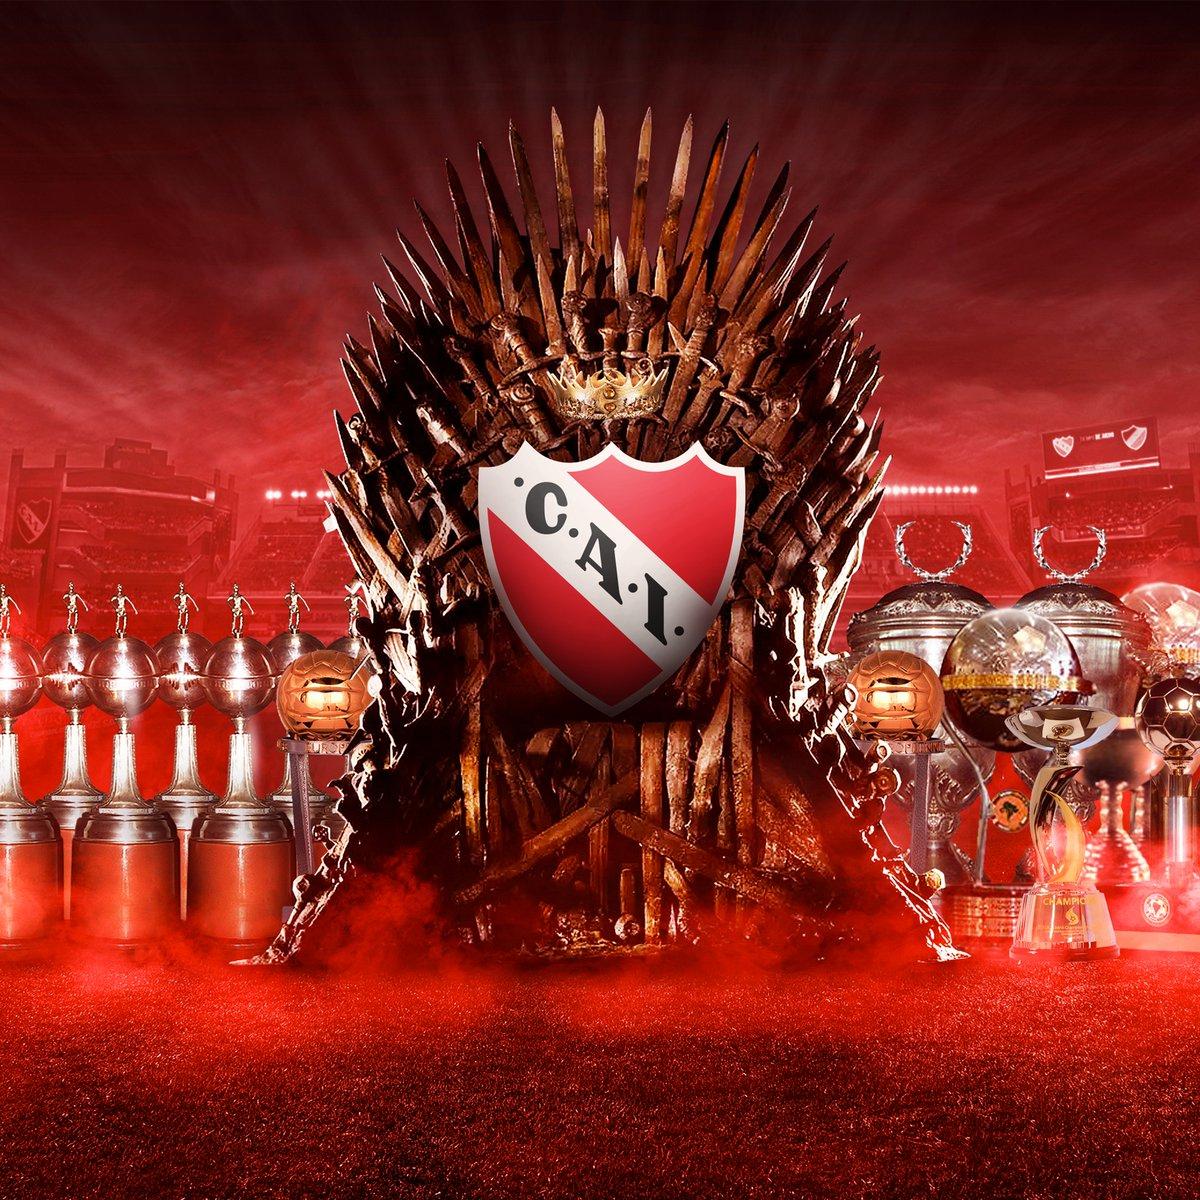 Independiente se proclama rey de Game of Thrones